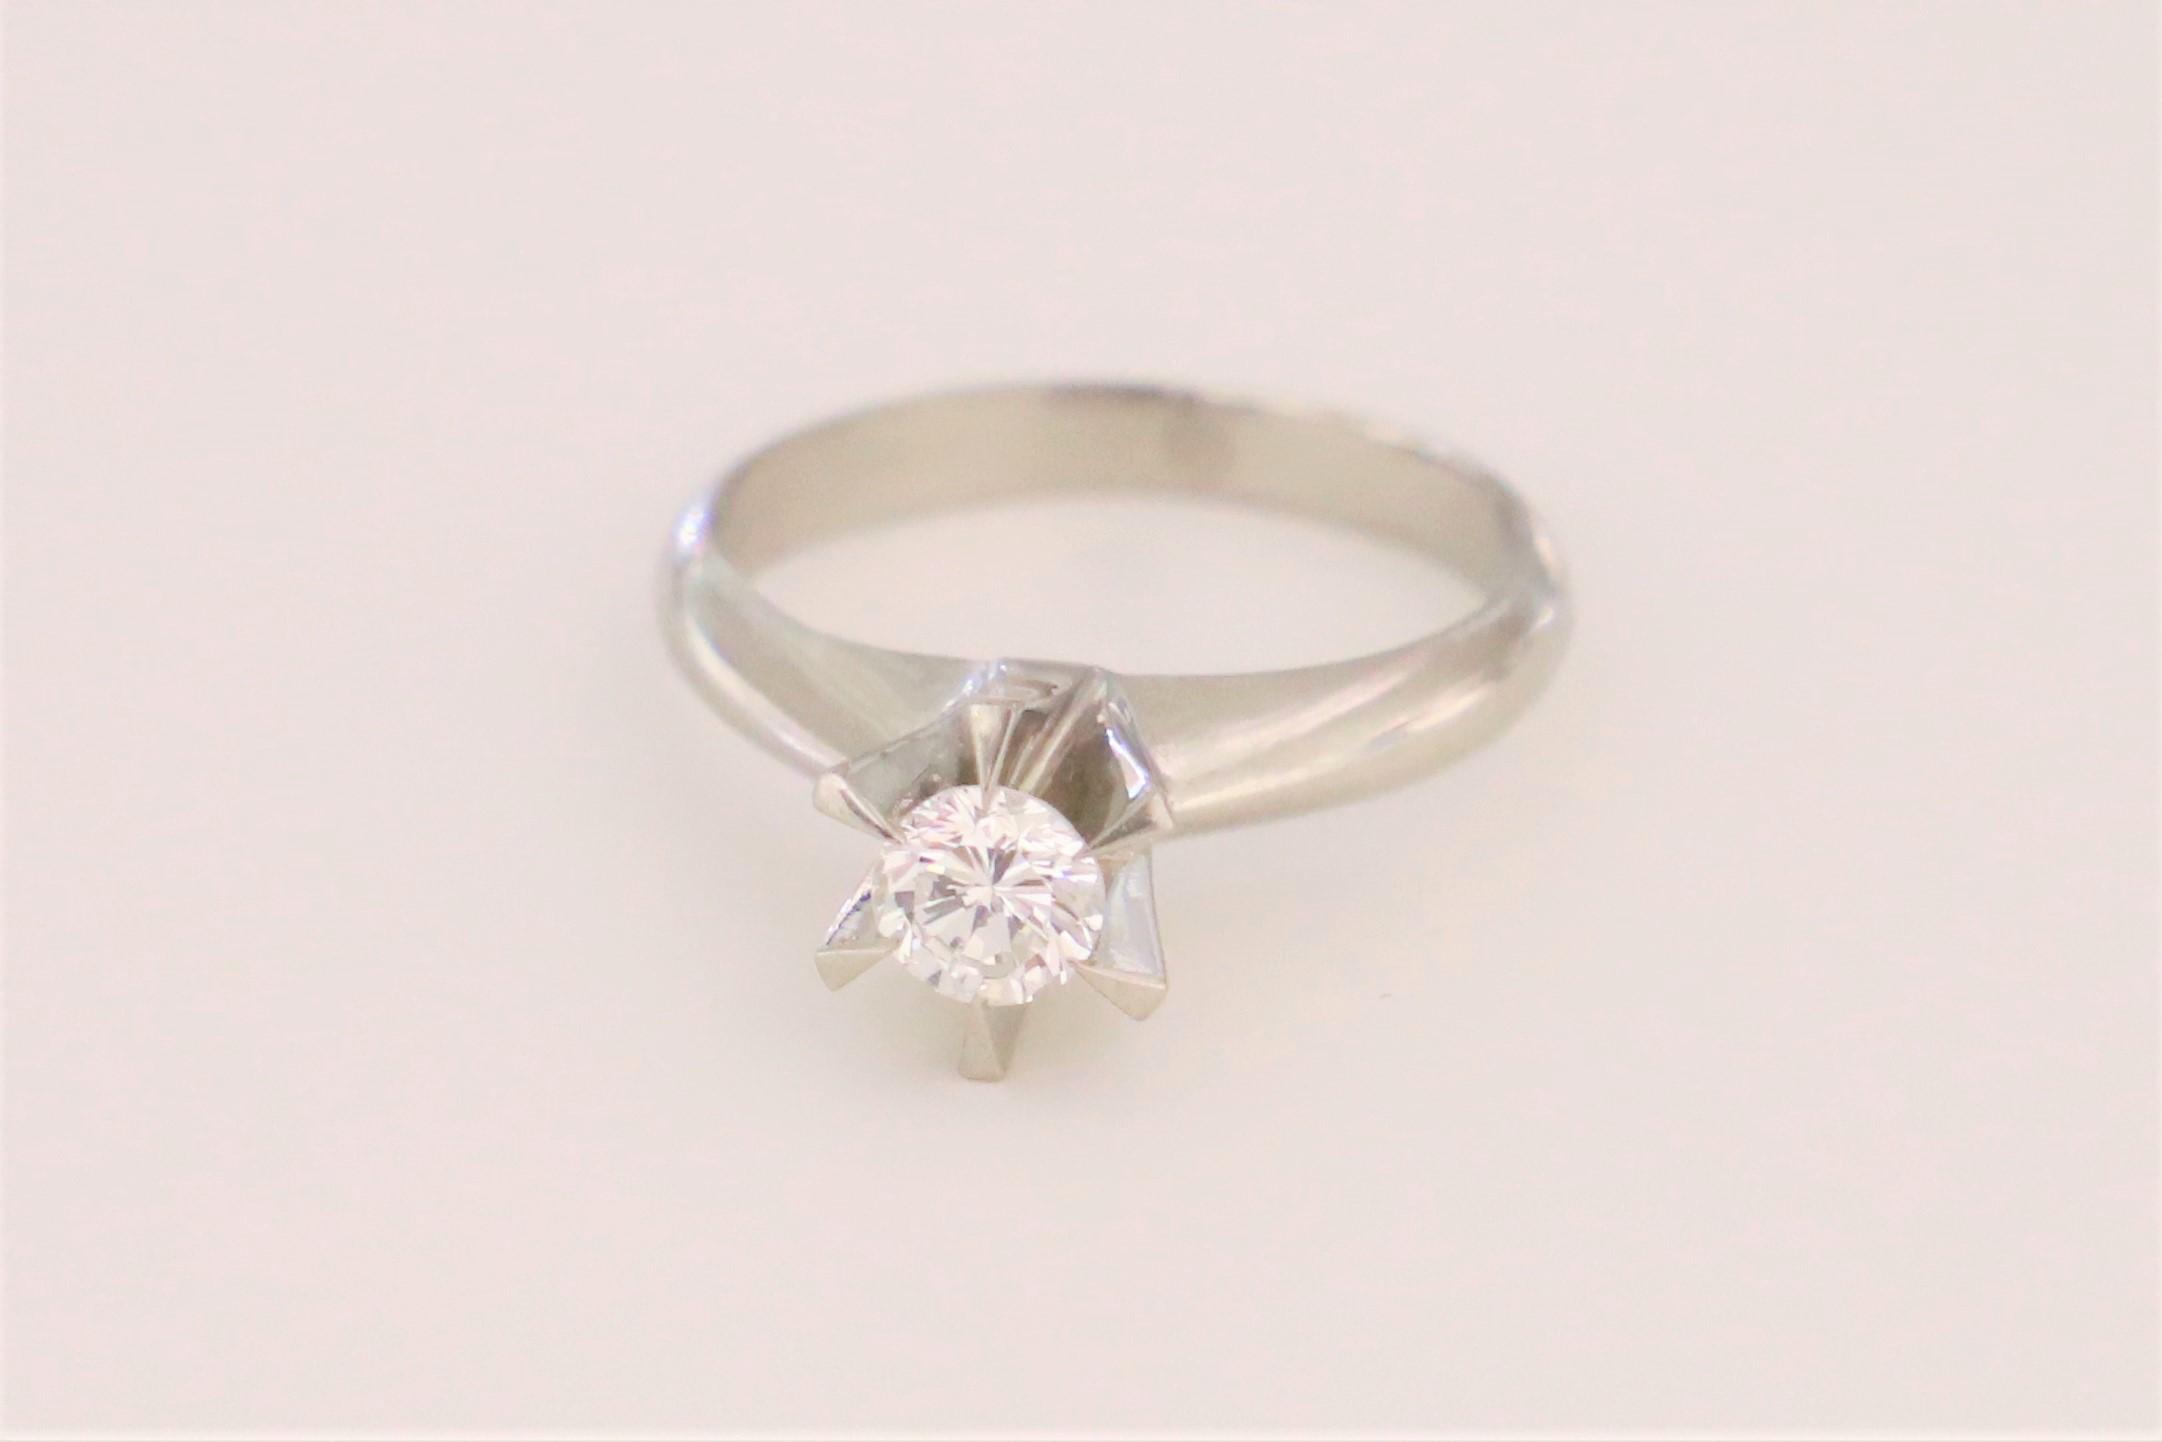 お持ちになられた立て爪の婚約指輪